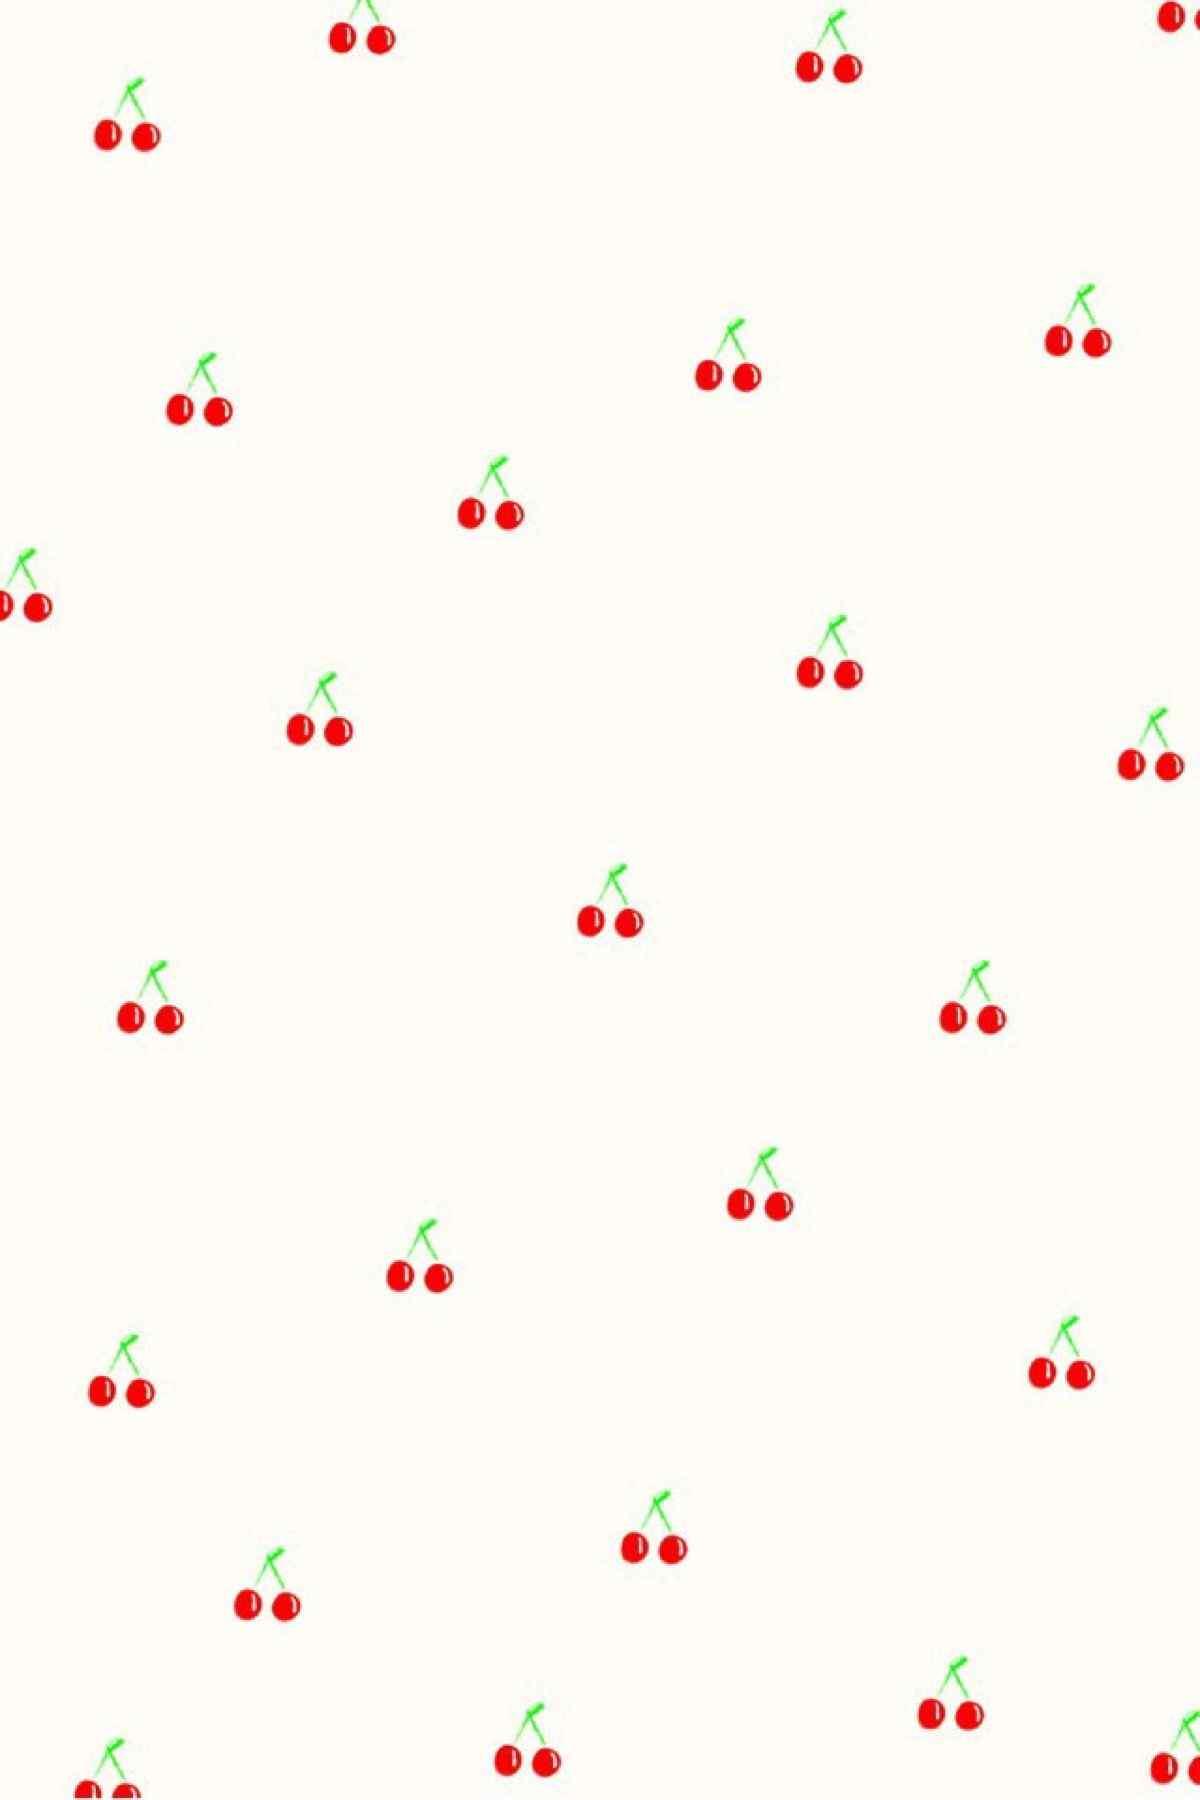 粉色小樱桃图片平铺手机壁纸